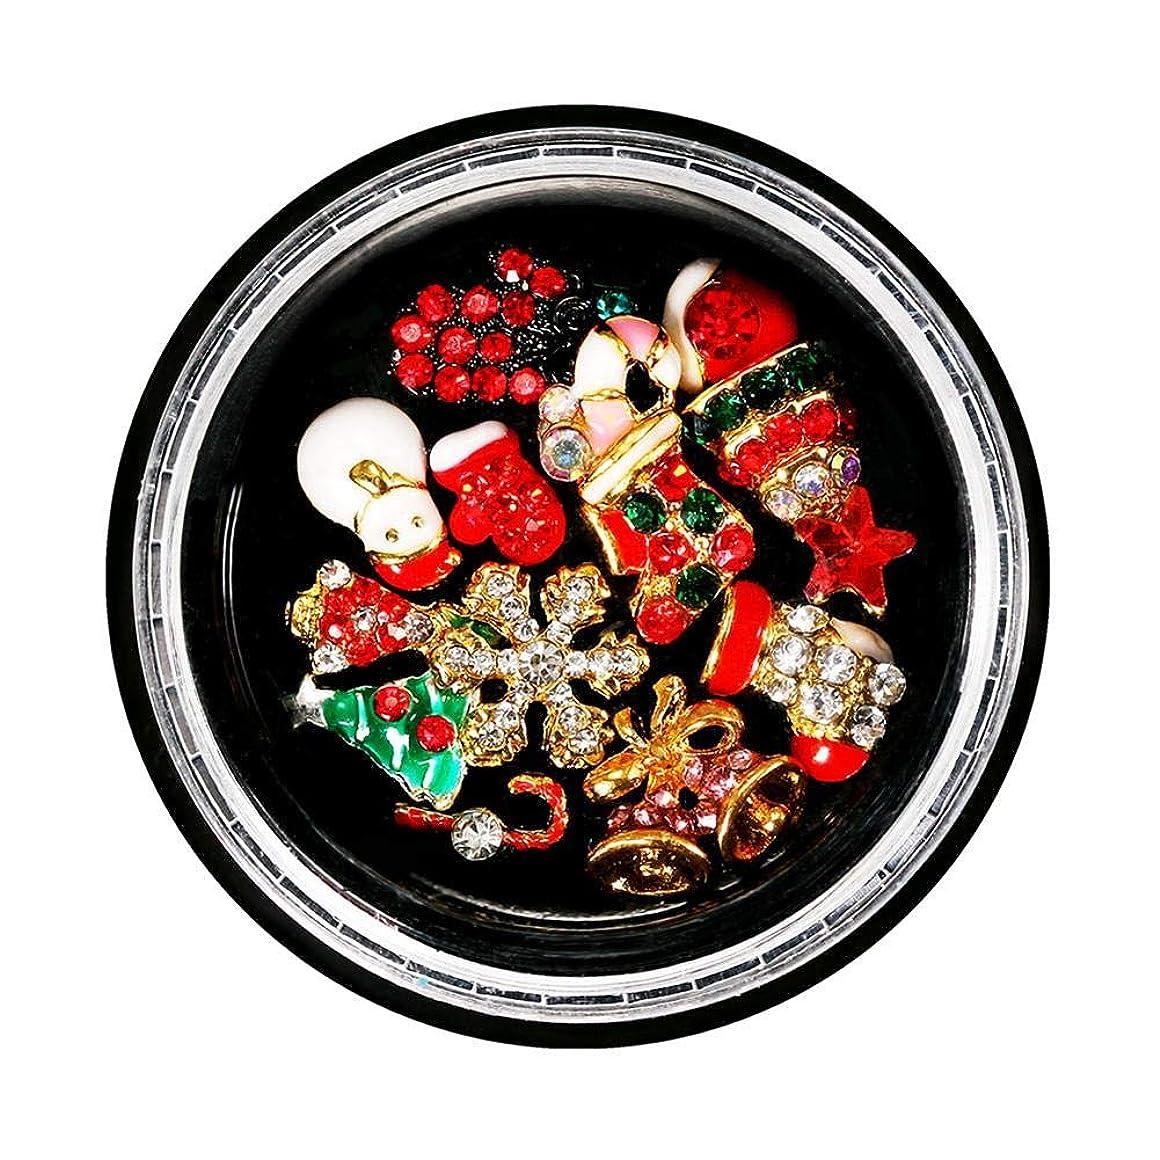 可動式免除する切断するSeawang ネイルアート メタルパーツ ネイルパール 3Dネイルシール クリスマス ネイルデコレーション かわいい プレゼント